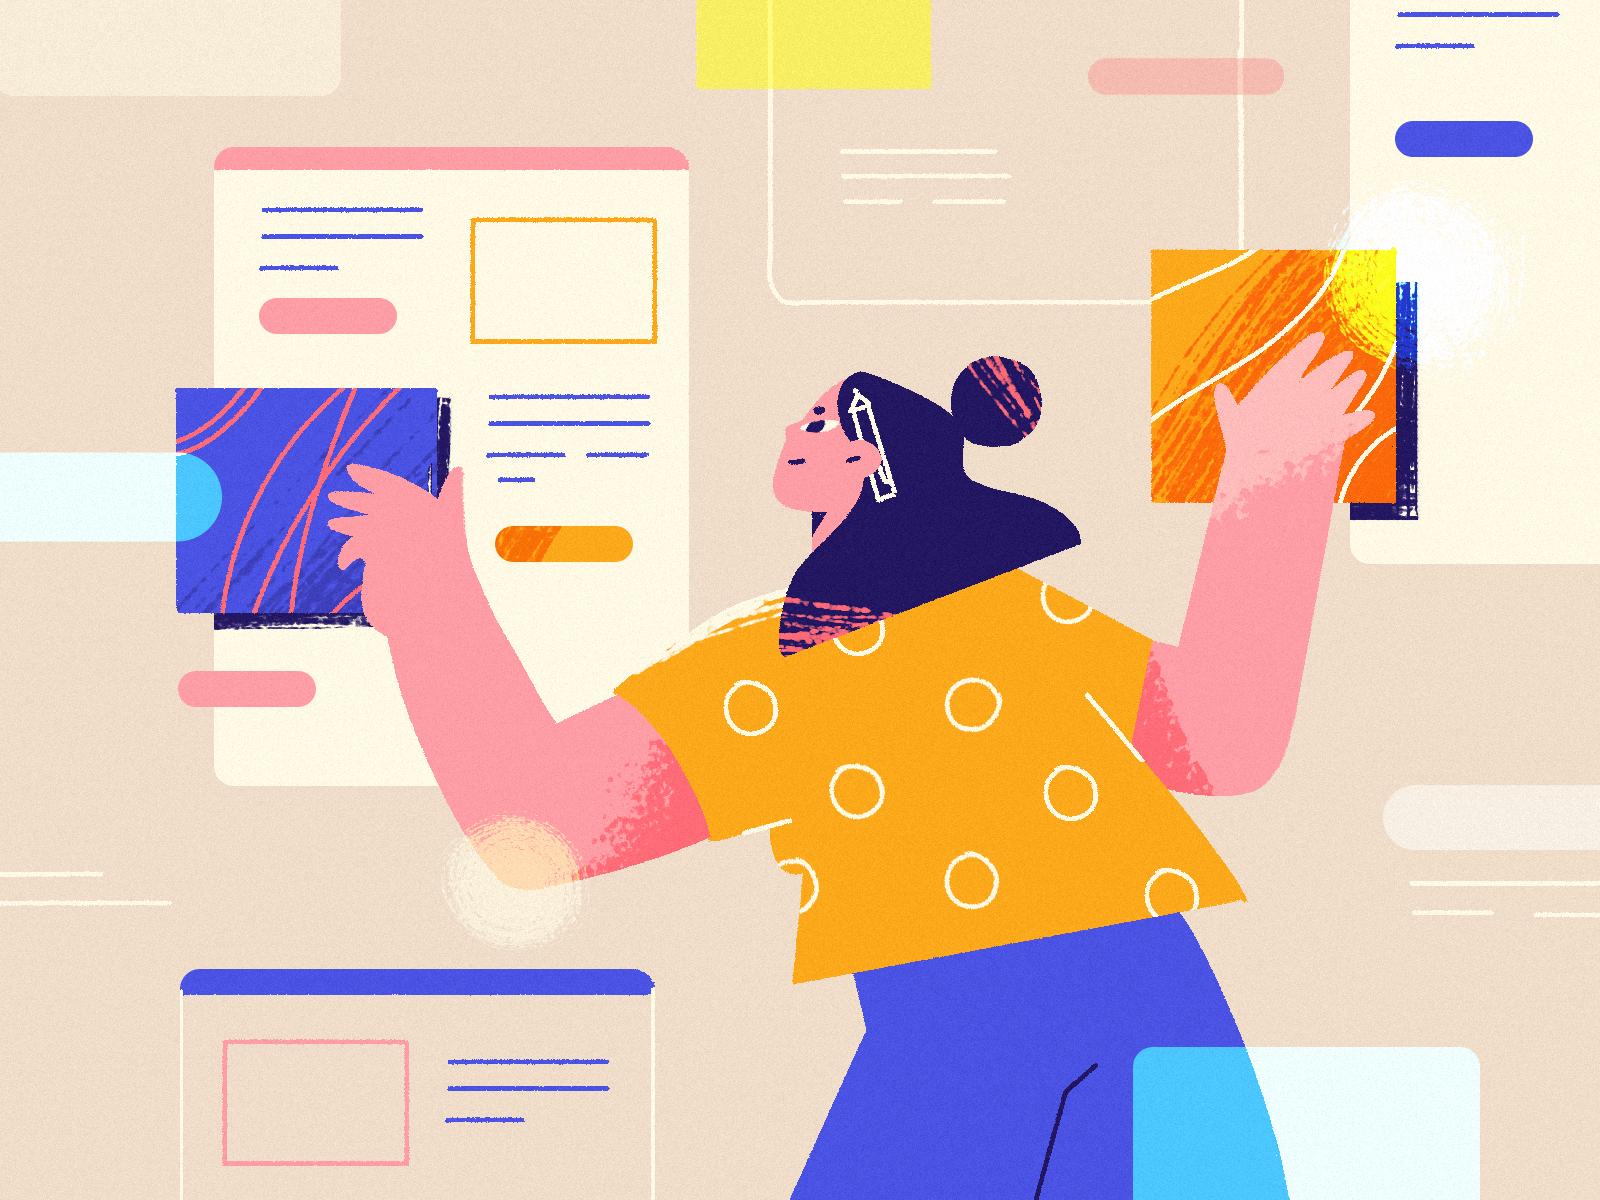 Иллюстрация в веб-дизайне Джулии Ханке